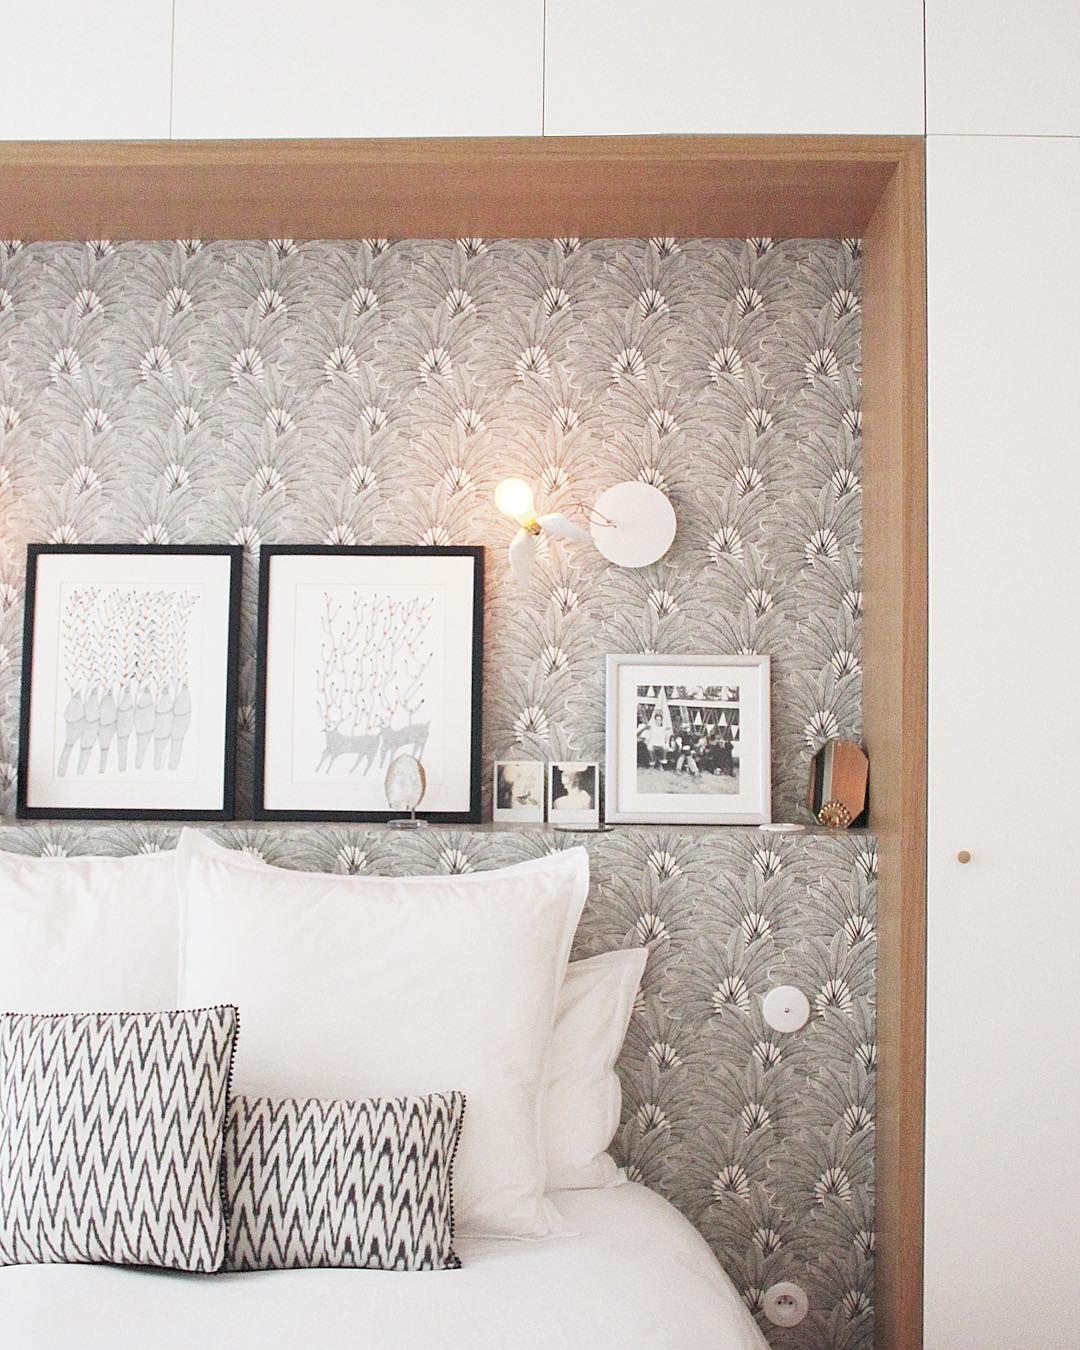 Le papier peint tropical Brazilia comme tête de lit dans une chambre #chambreparentale